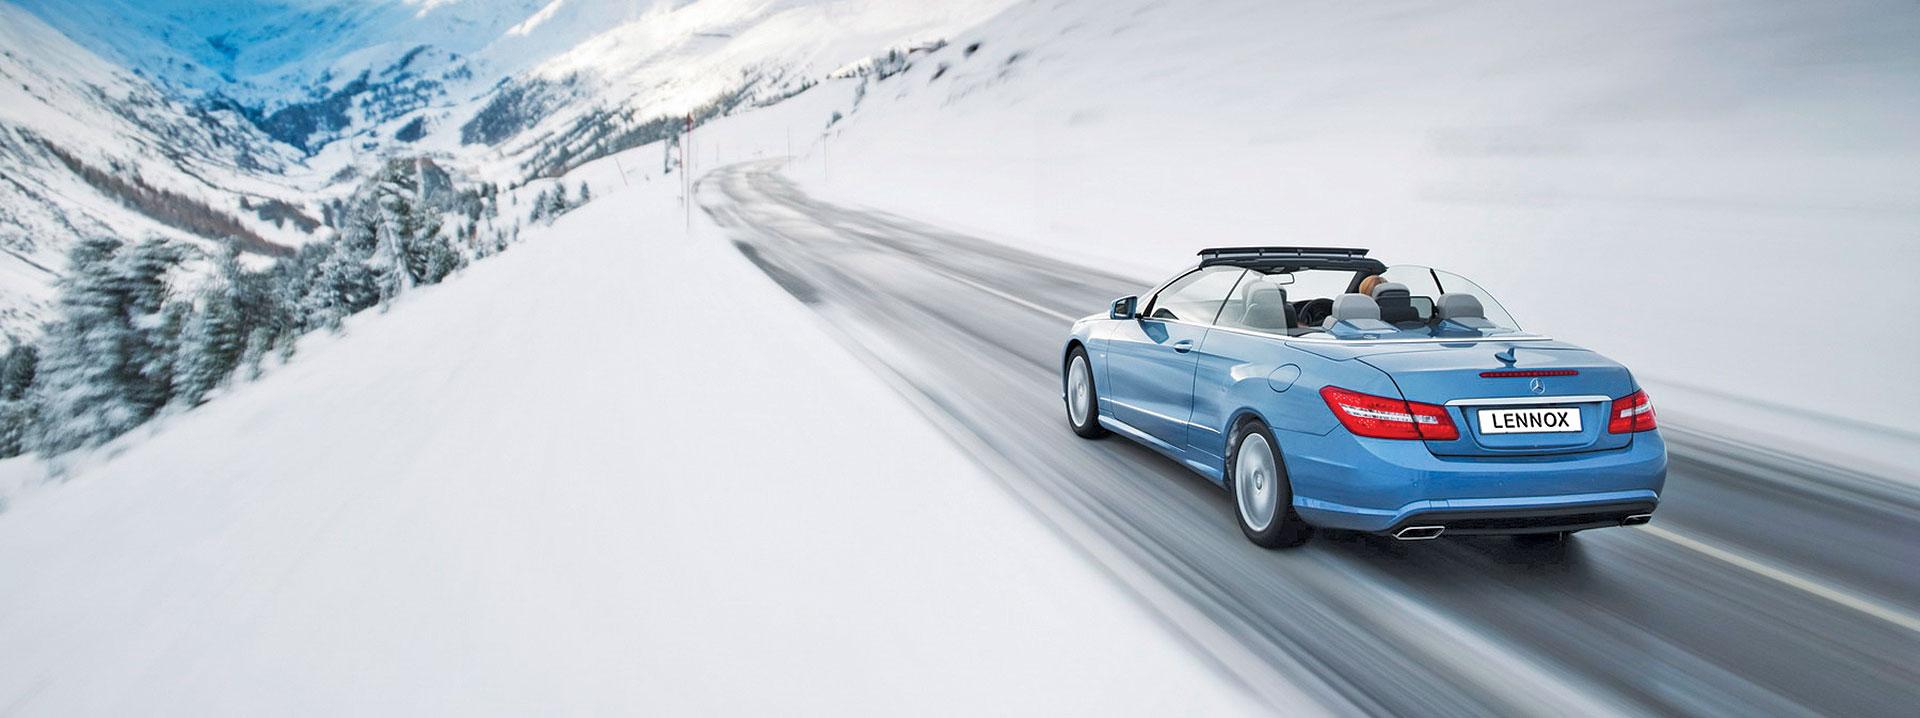 Slider-Benz-E-Class-Cabriolet-Snow